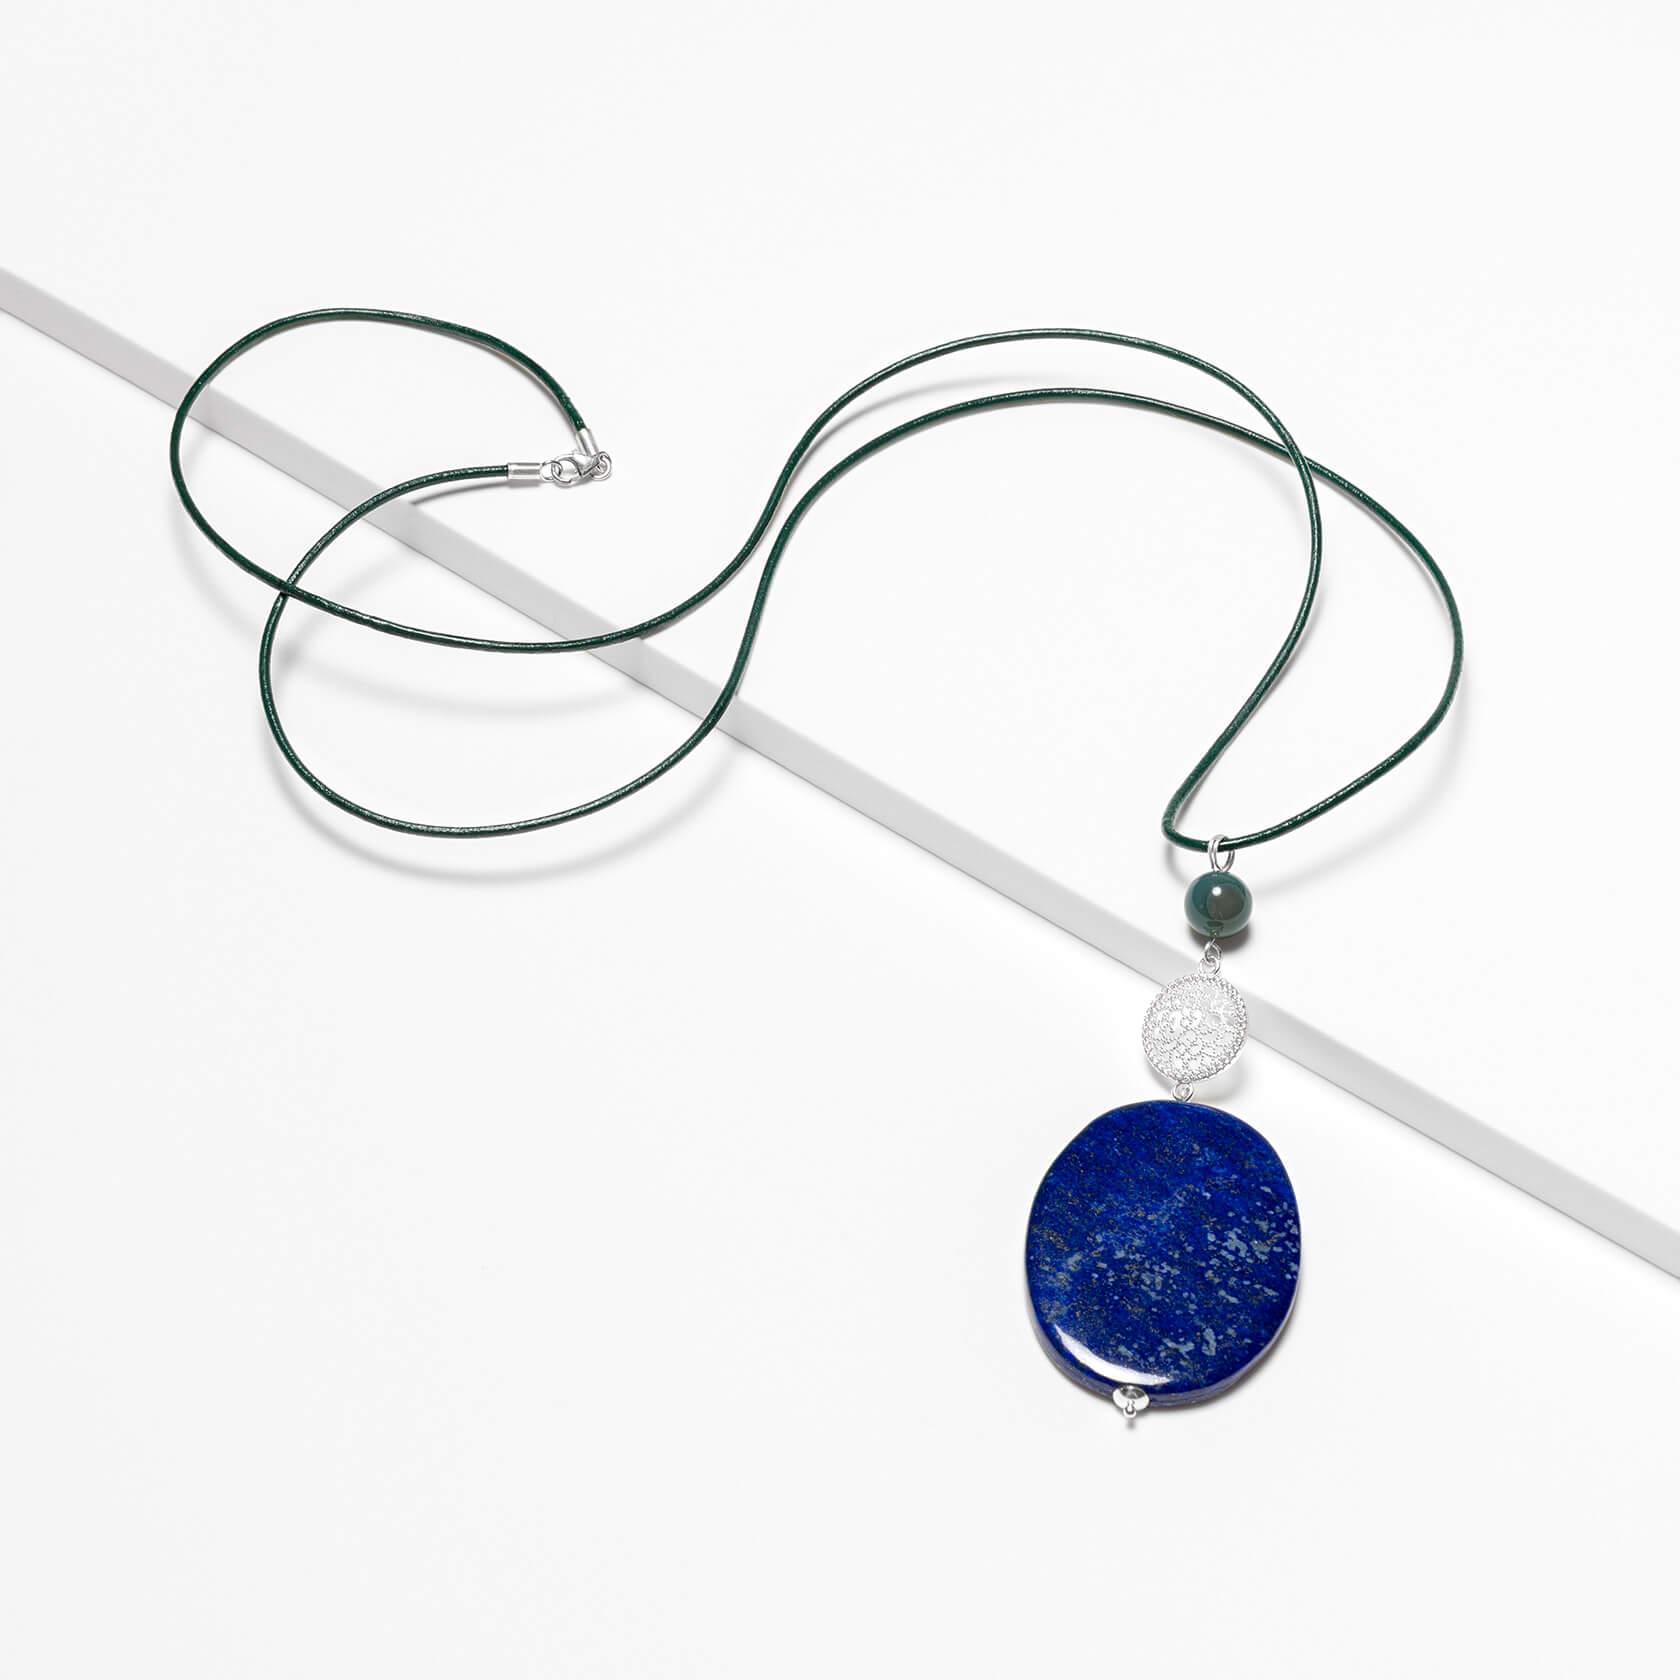 Colgante de lapislázuli ovalado